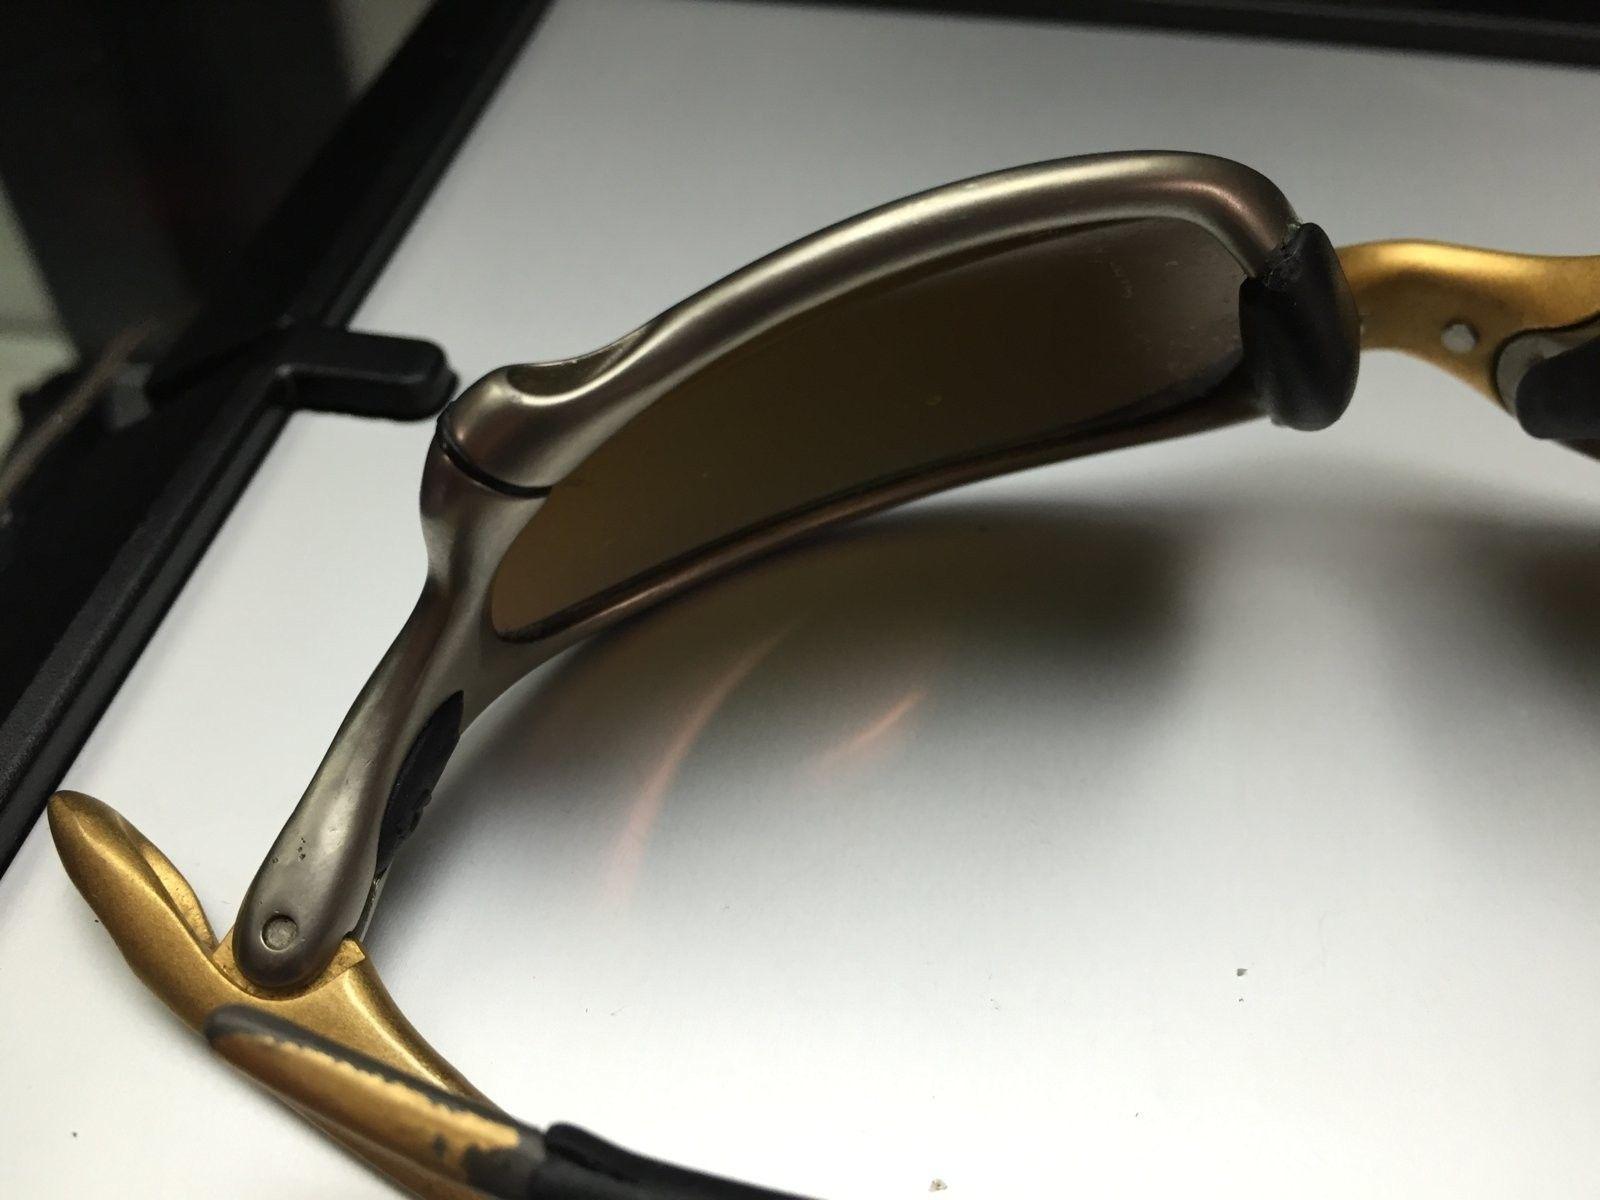 oakley iridium coating flaking